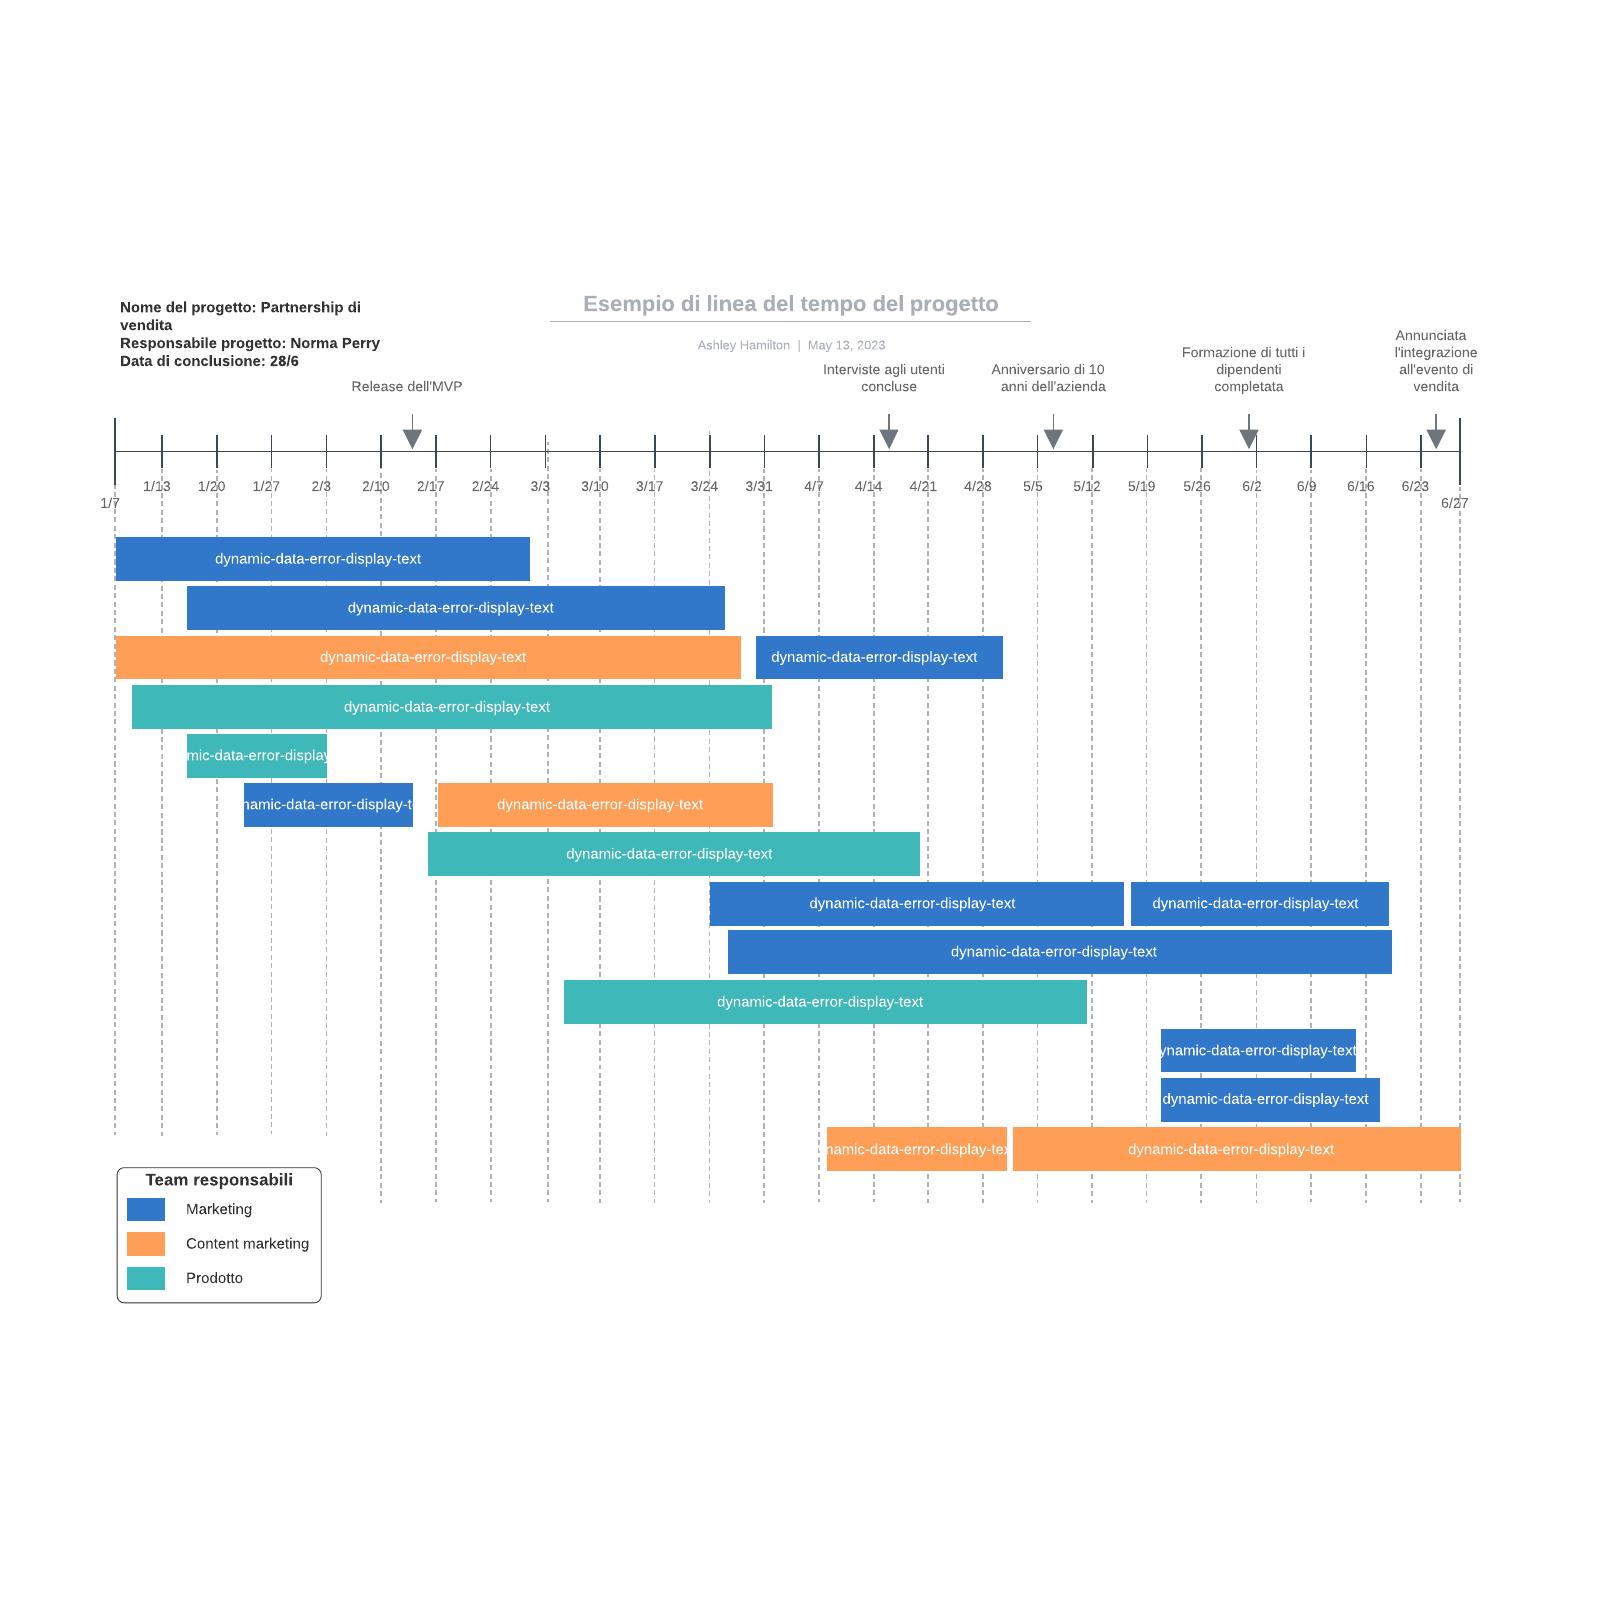 Esempio di linea del tempo del progetto